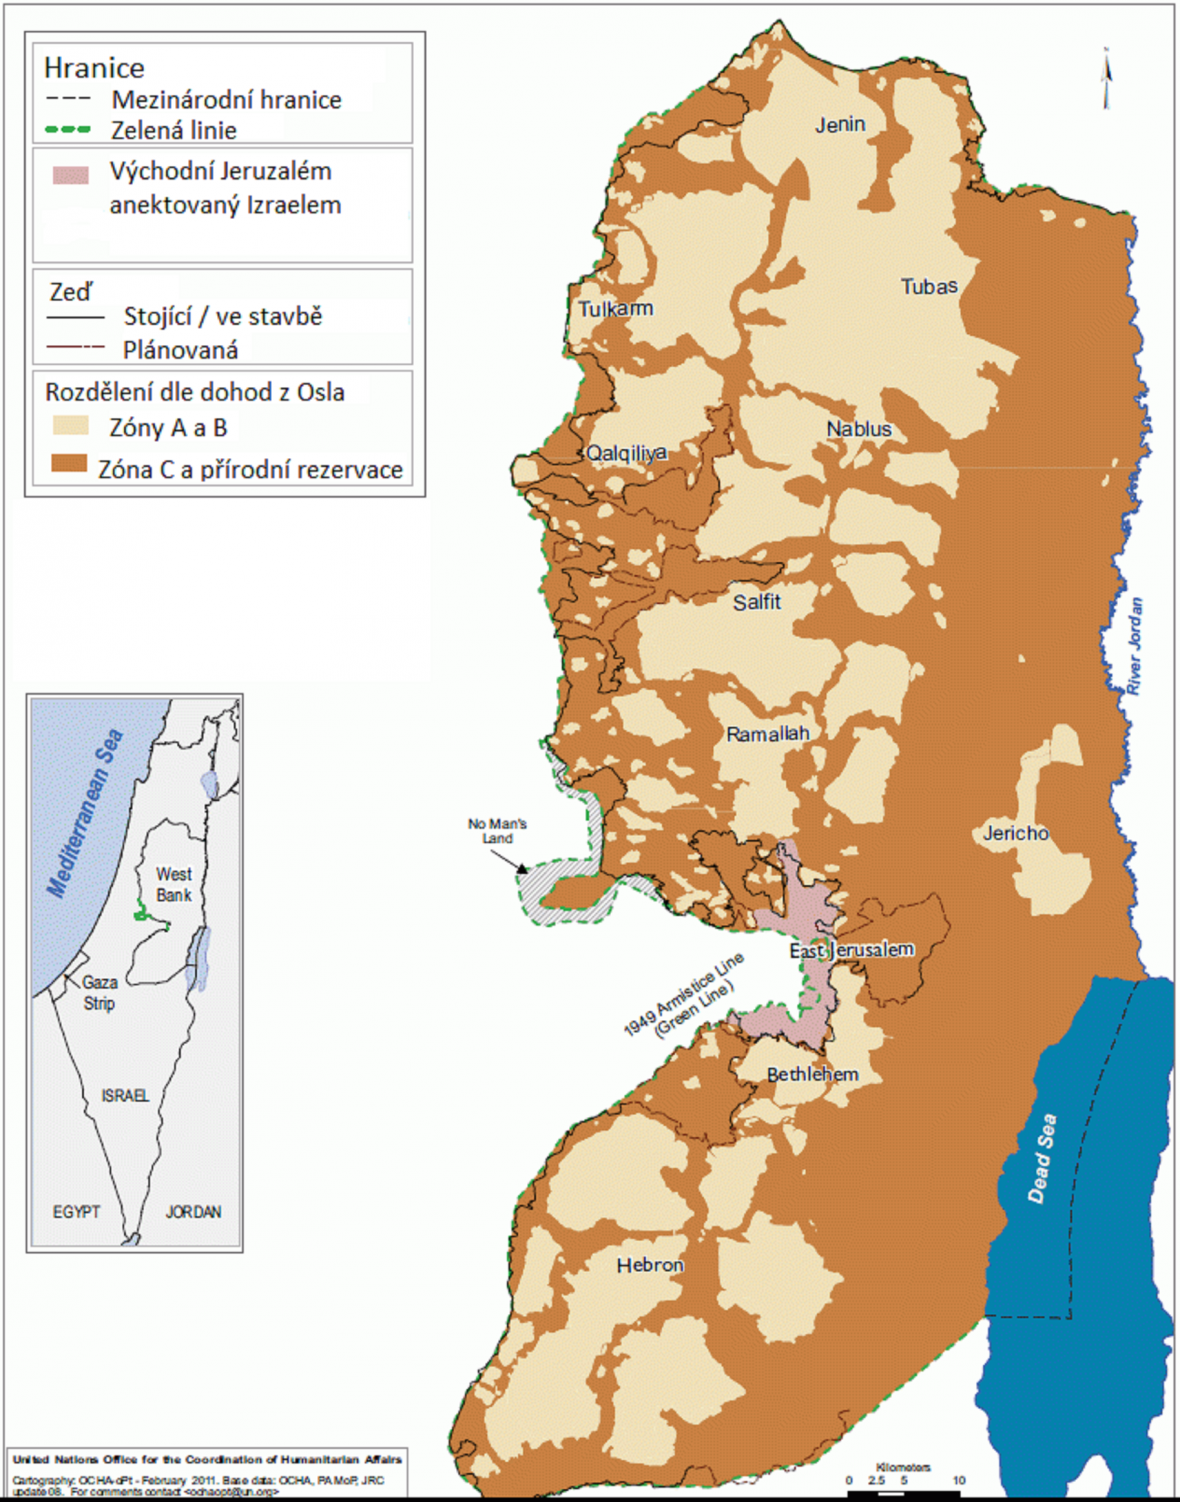 Západní břeh Jordánu